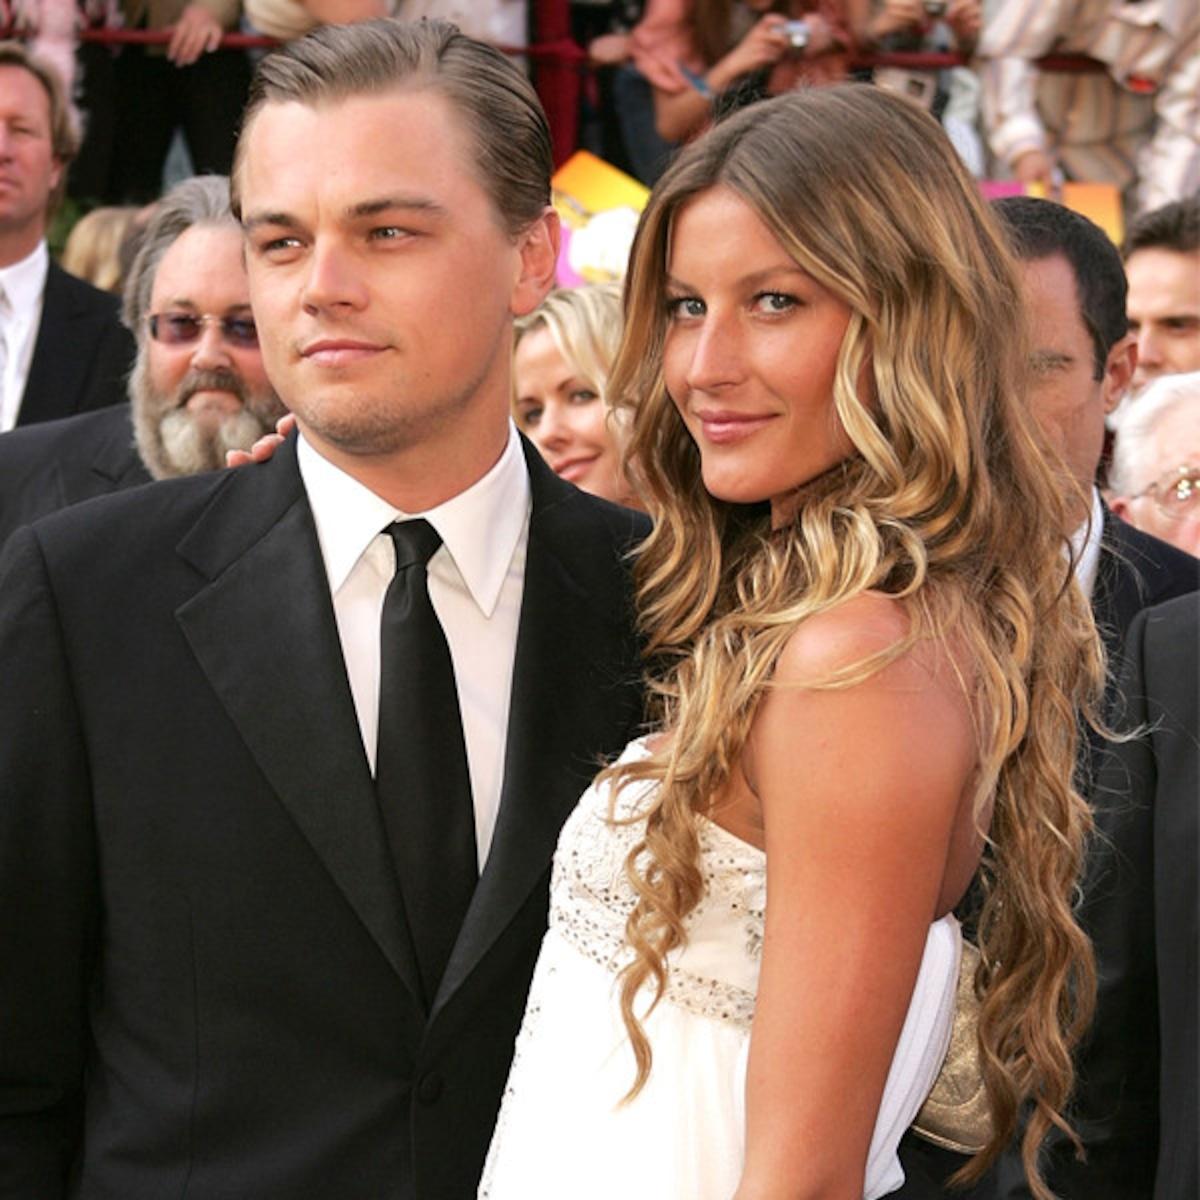 Leo dicaprio dating interracial dating toronto